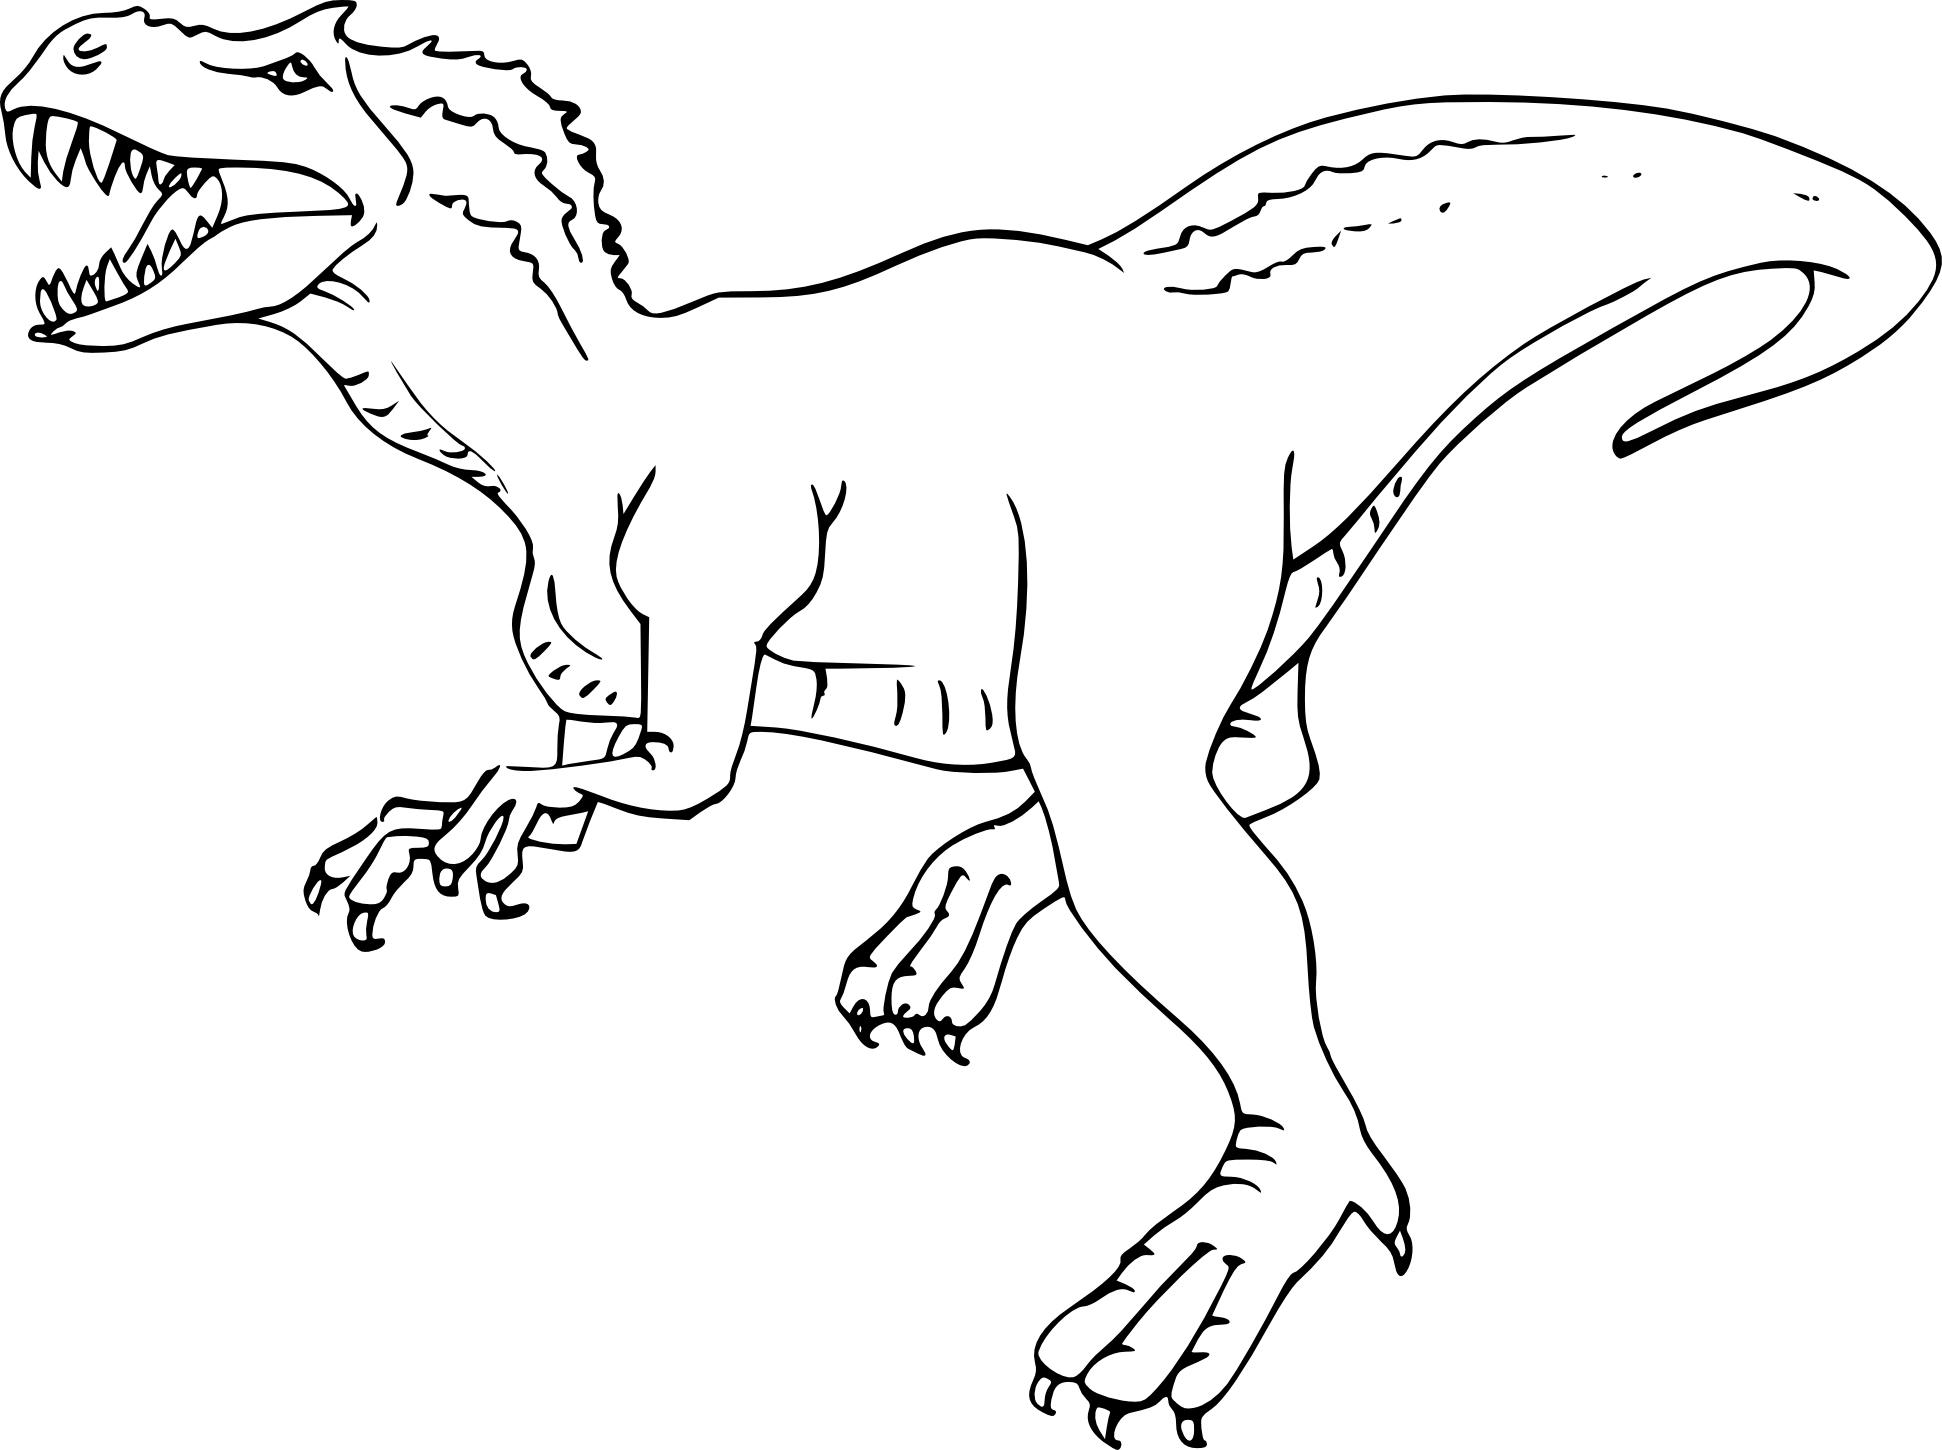 Coloriage De Tyrannosaure À Imprimer Sur Coloriage De pour Coloriage De Dinosaure Gratuit